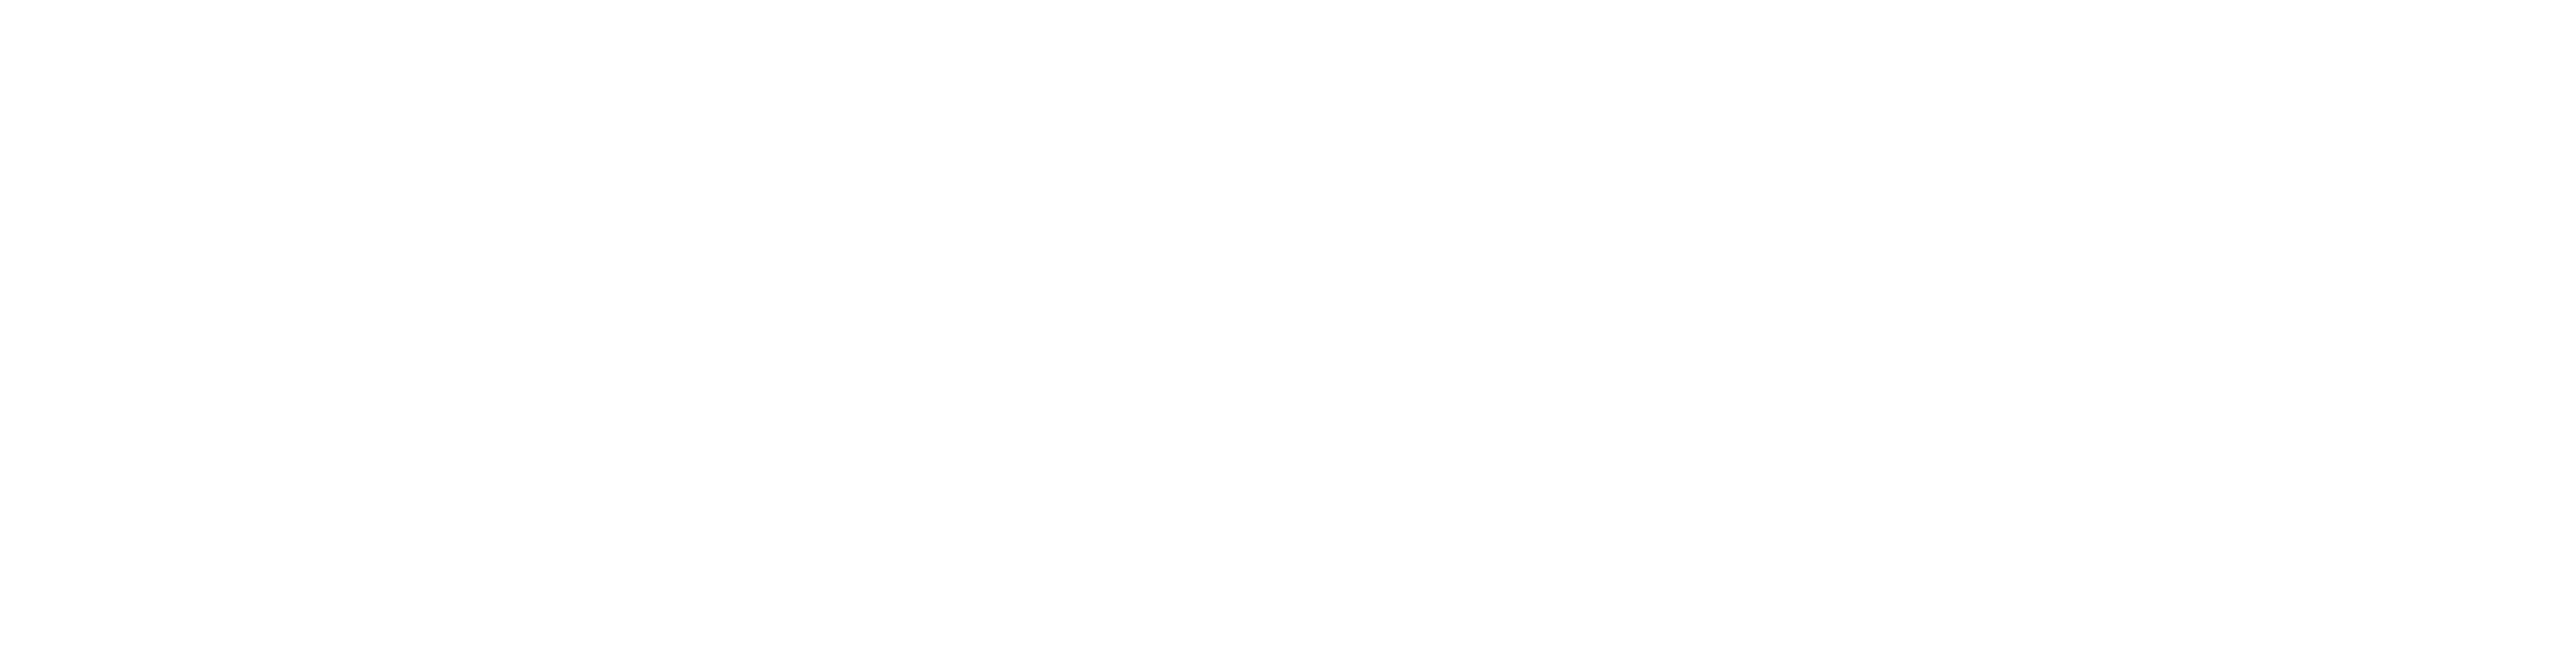 mimilos-logo-white